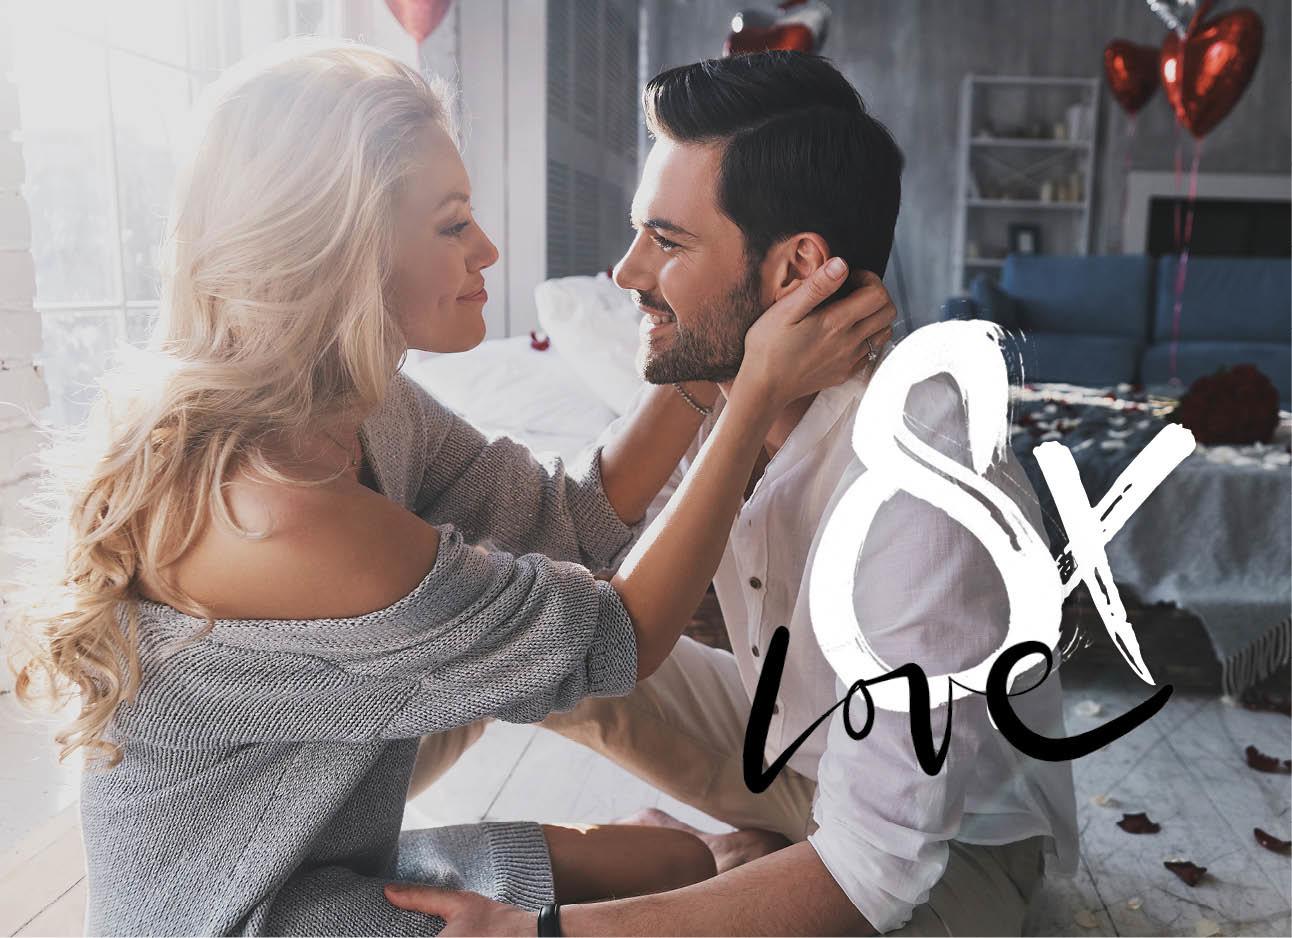 man en vrouw lachend naar elkaar ten huwelijk gevraagd